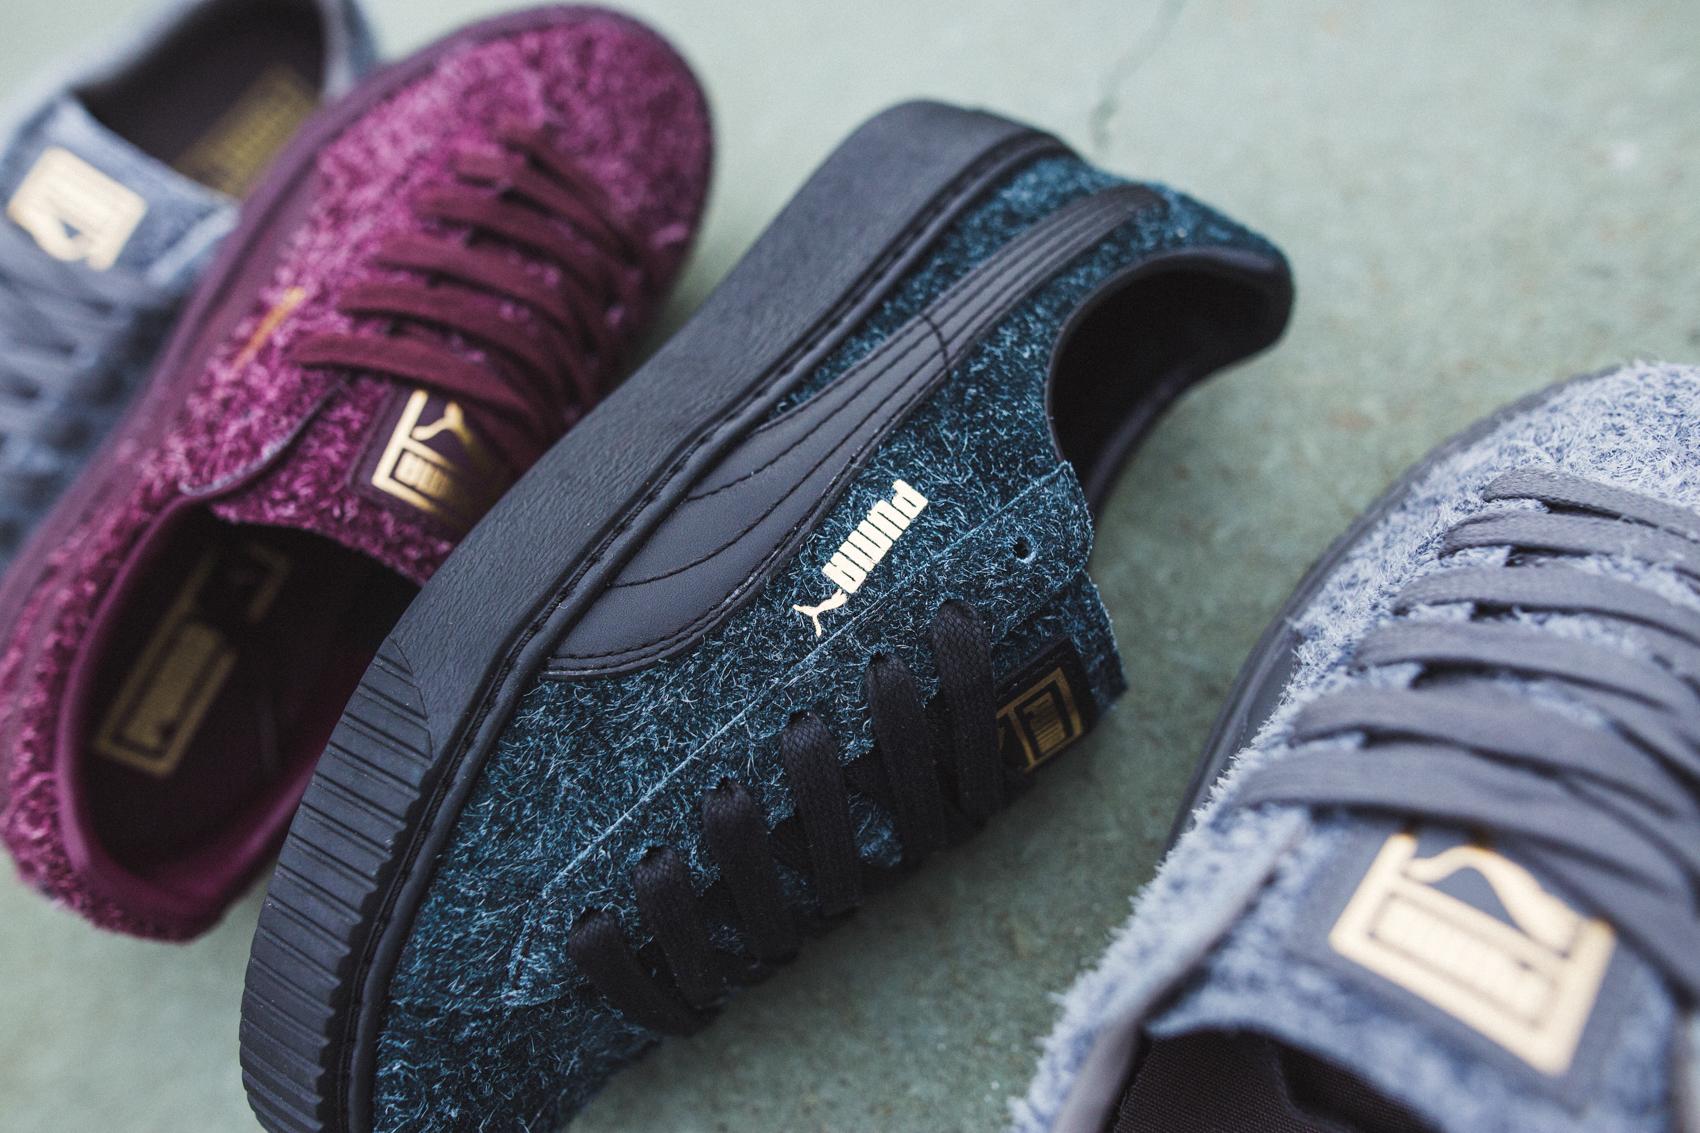 5874af880a02 Puma Basket Platform Elemental - Women Shoes wearpointwindfarm.co.uk